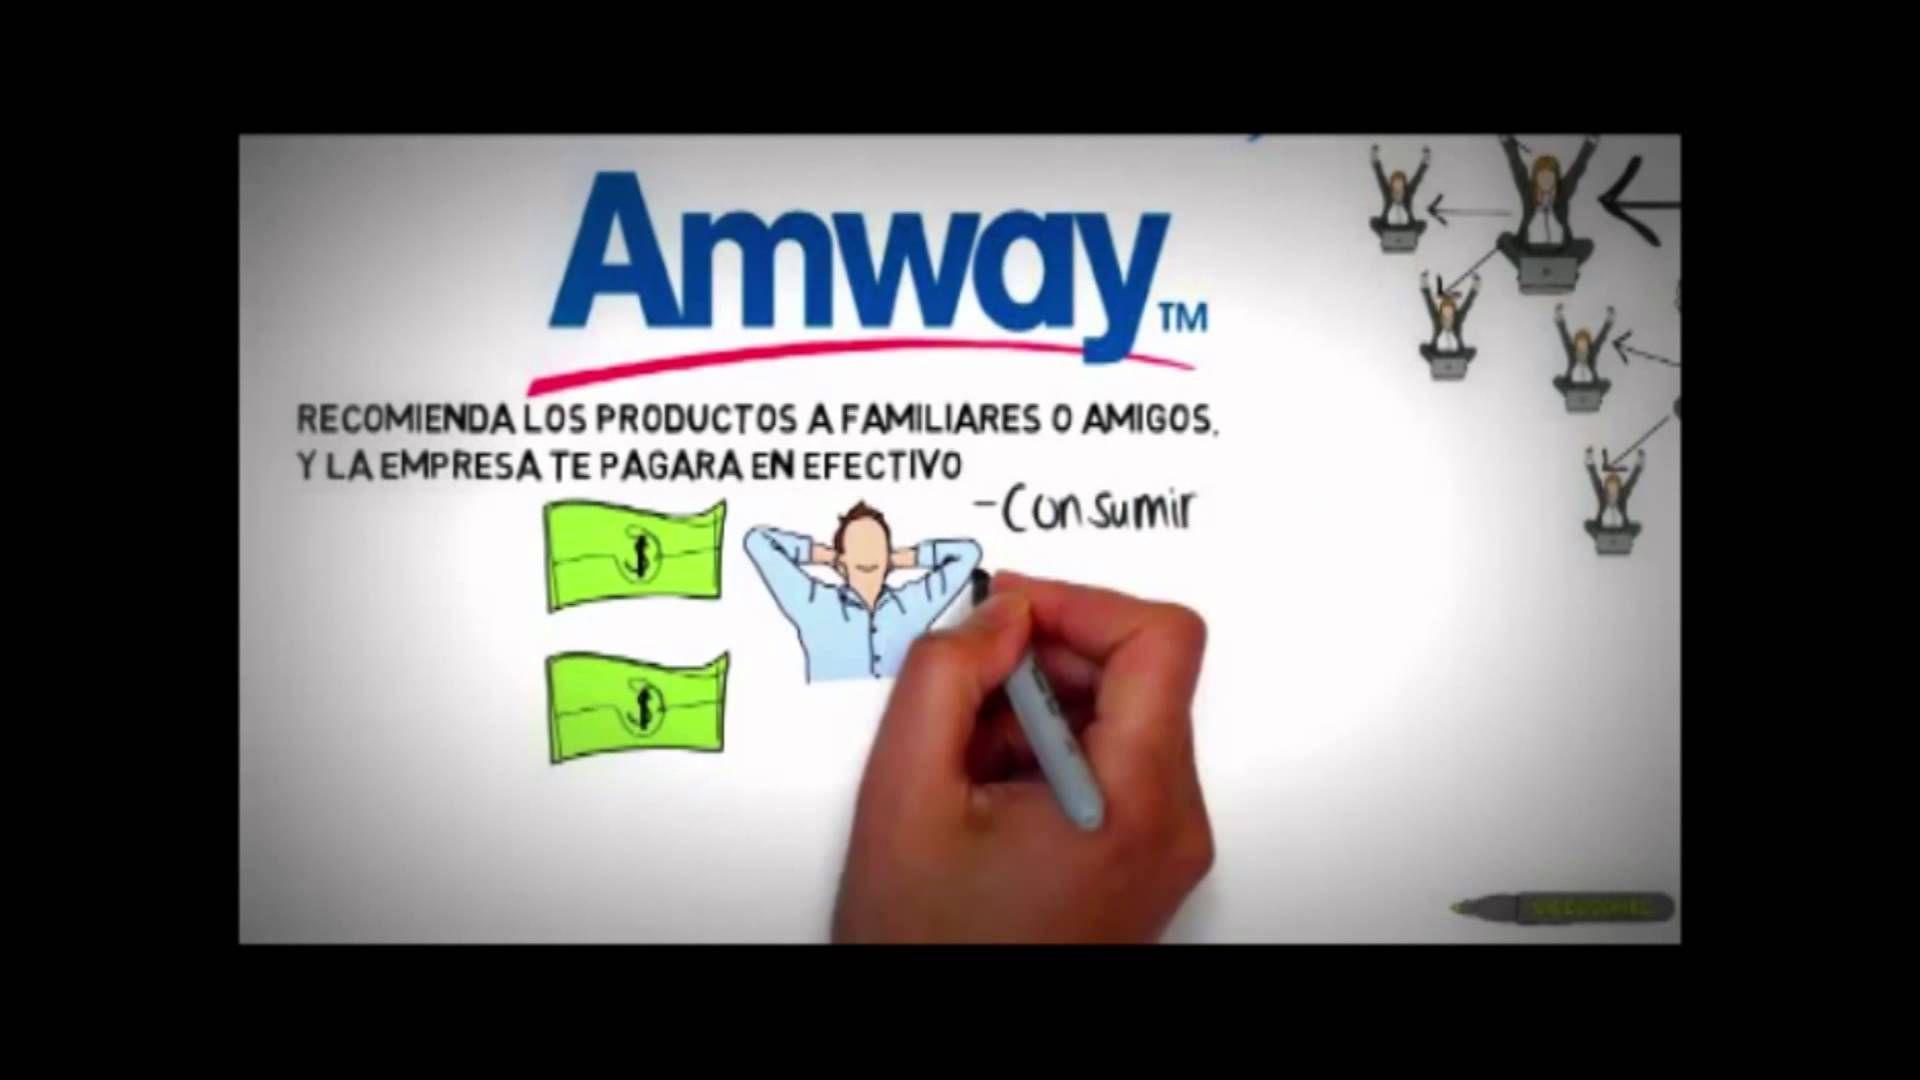 plan de negocios amway 5 minutos si le gusto la idea de tener su